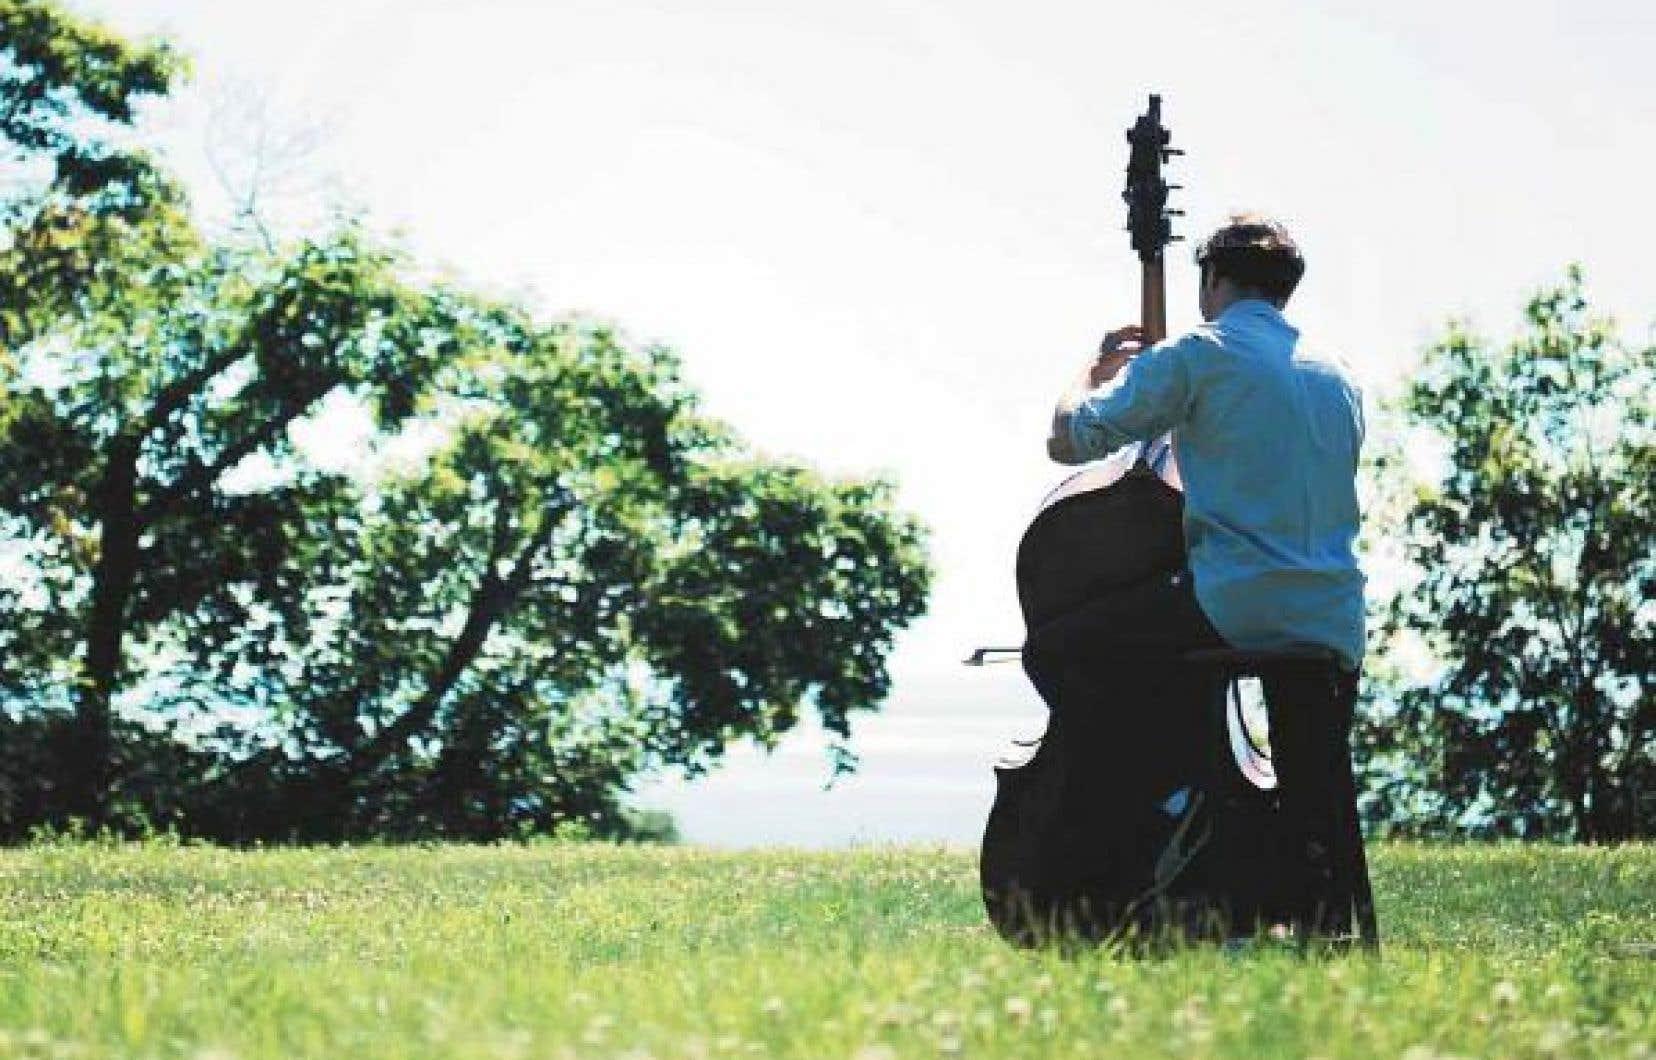 Le Festival du Domaine Forget mettra une fois de plus à l'honneur la musique classique.